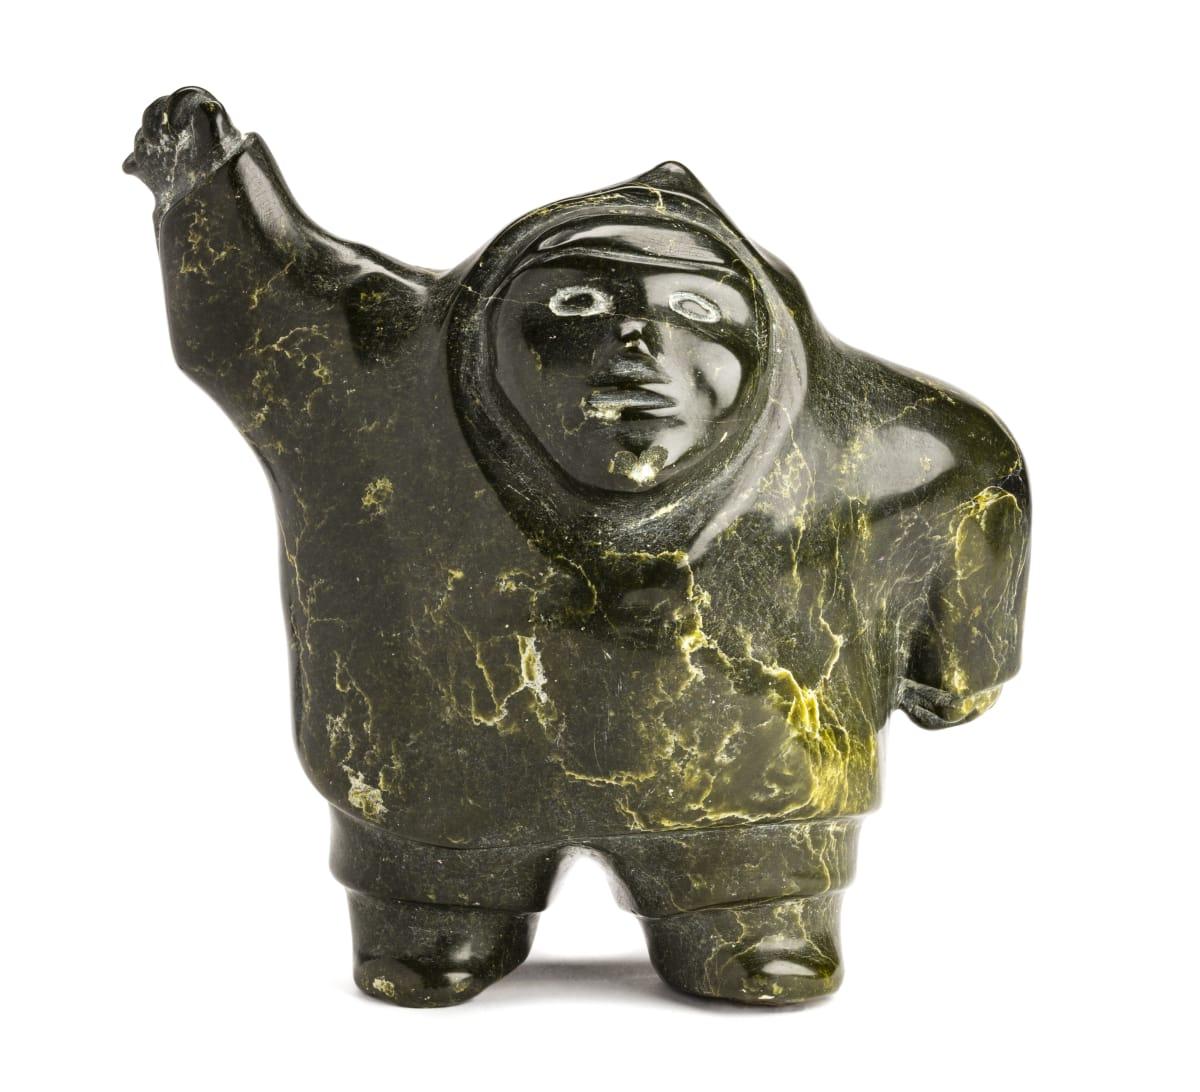 LOT 28 QAQASIRALAQ KULLUALIK (1913-1983) PANNIQTUUQ (PANGNIRTUNG) Waving Man, c. late 1960s stone, 9 1/4 x 9 x 5 in (23.5 x 22.9 x 12.7 cm) ESTIMATE: $1,000 — $1,500